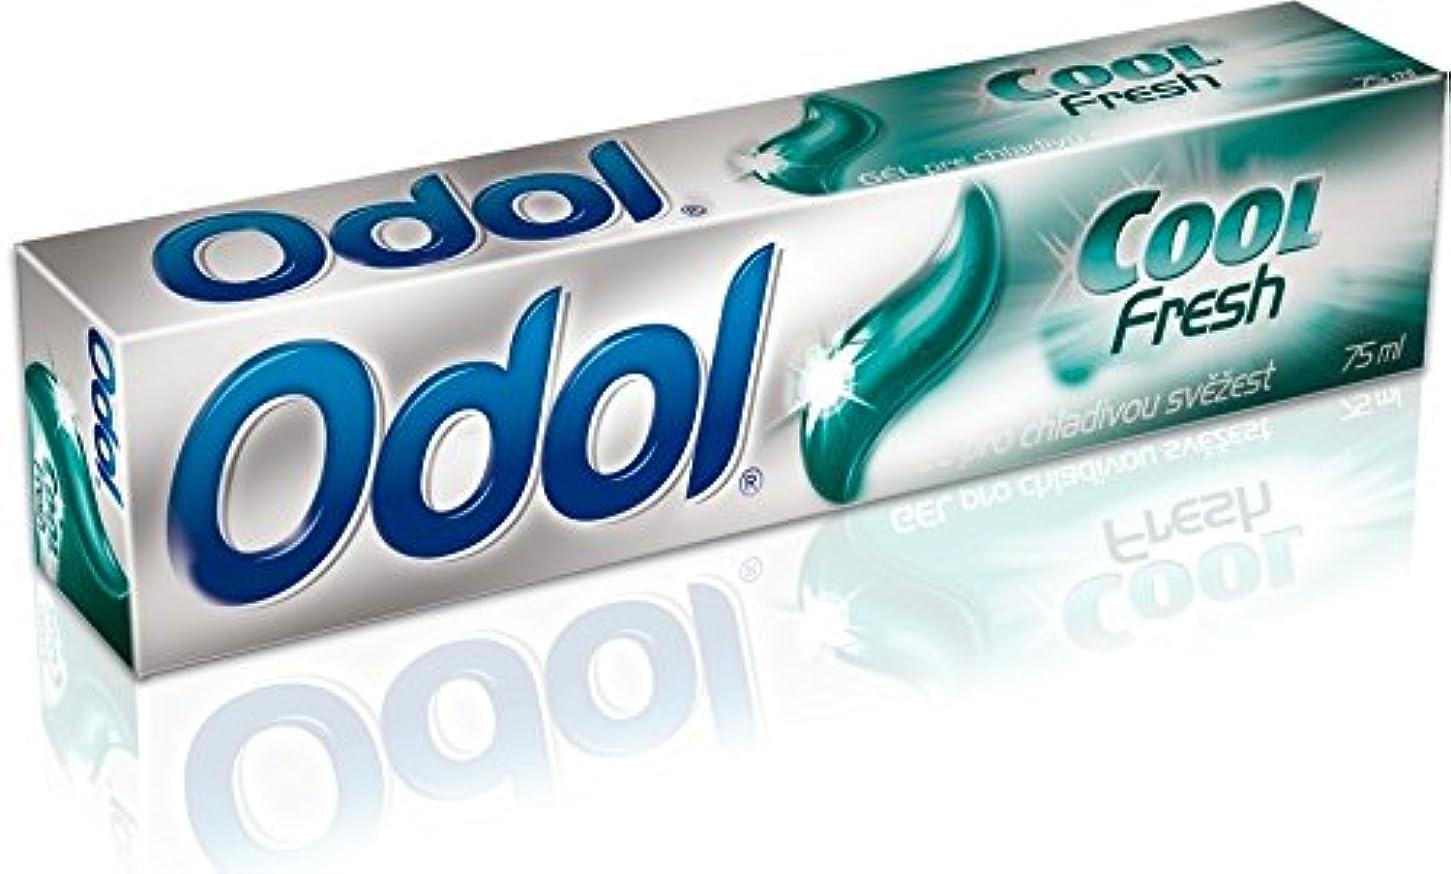 モニター三眉をひそめるOdol アロエベラ配合歯磨き粉ゲル [原産国:EU] 75ml 3個入り [並行輸入品]